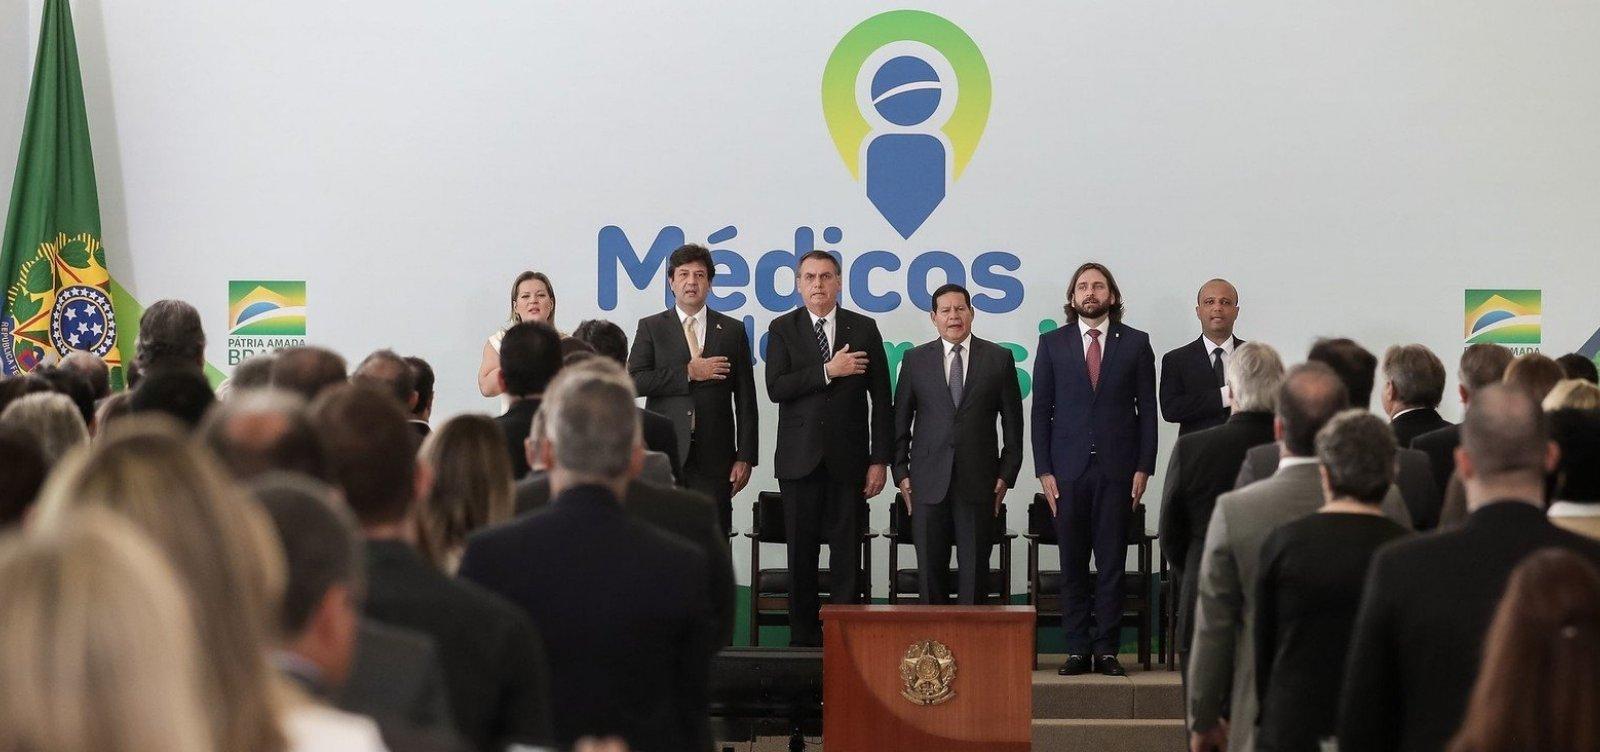 [Médicos pelo Brasil: Governo anuncia 18 mil vagas com salários de até R$ 31 mil]